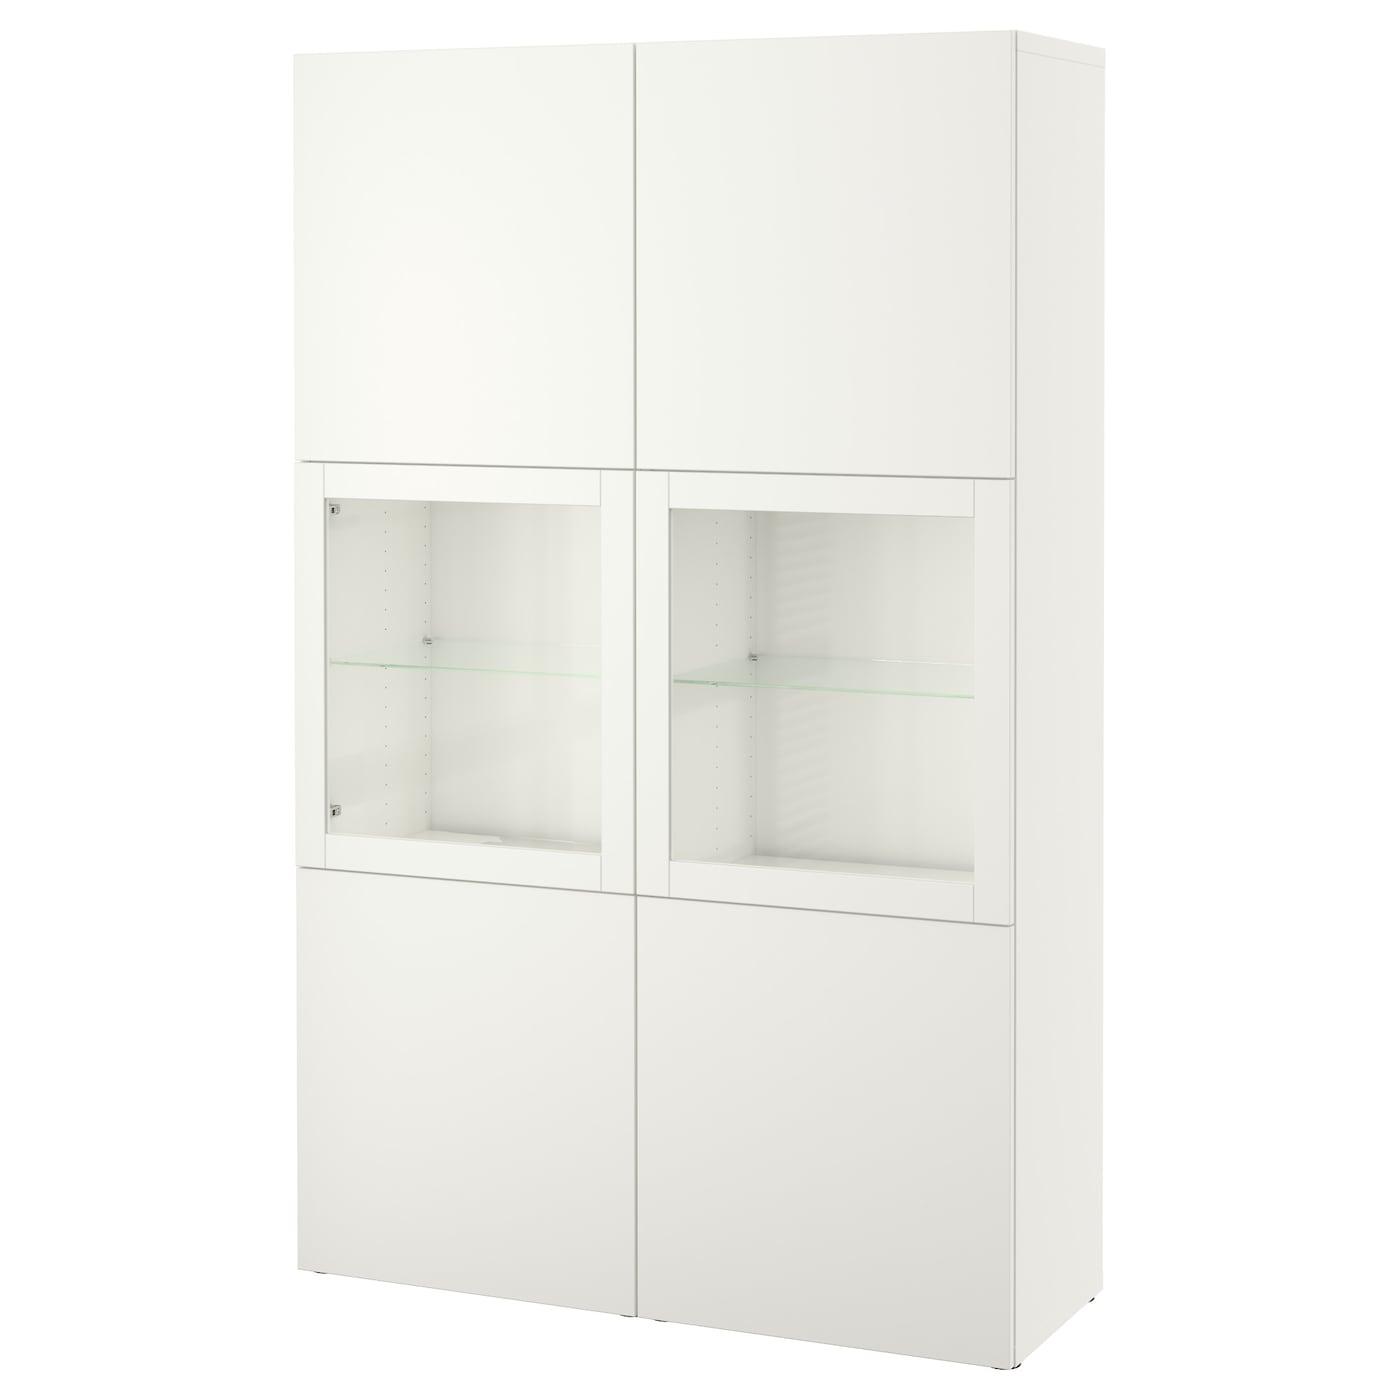 koenigstein standvitrinen online kaufen m bel. Black Bedroom Furniture Sets. Home Design Ideas